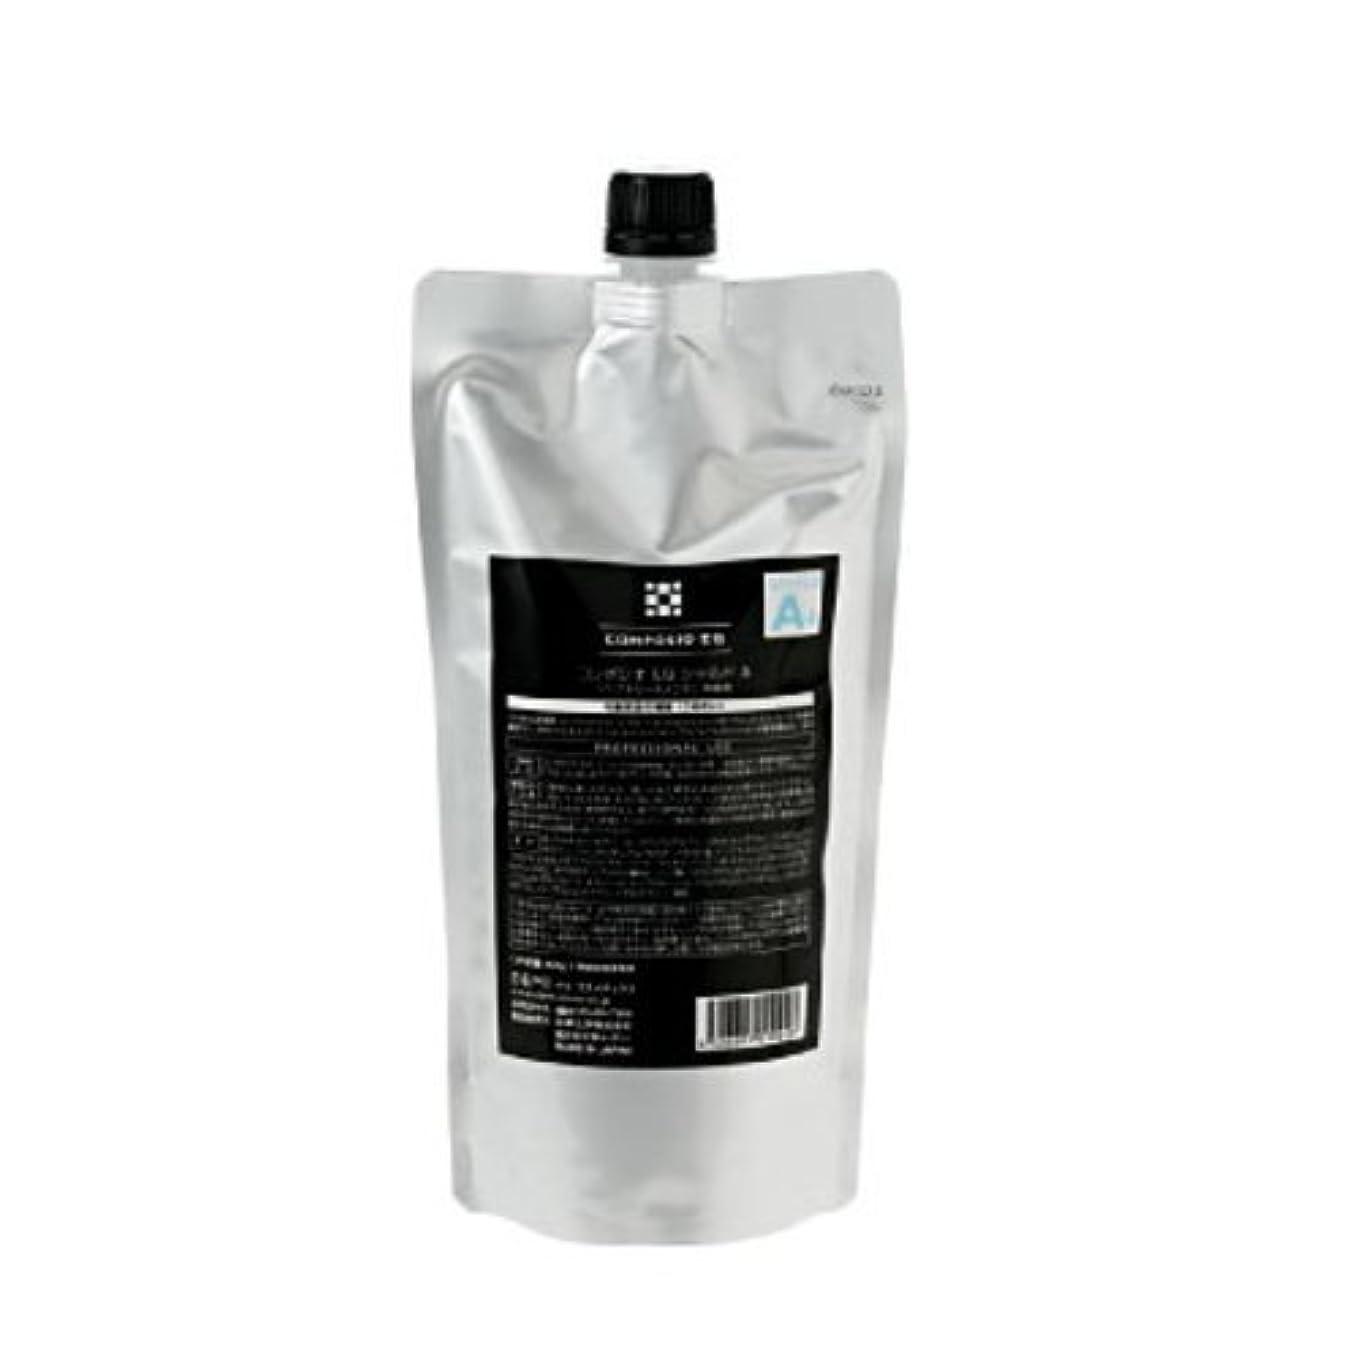 取り替える熱樫の木DEMI (デミ) コンポジオ EQ シールド A 450g レフィル